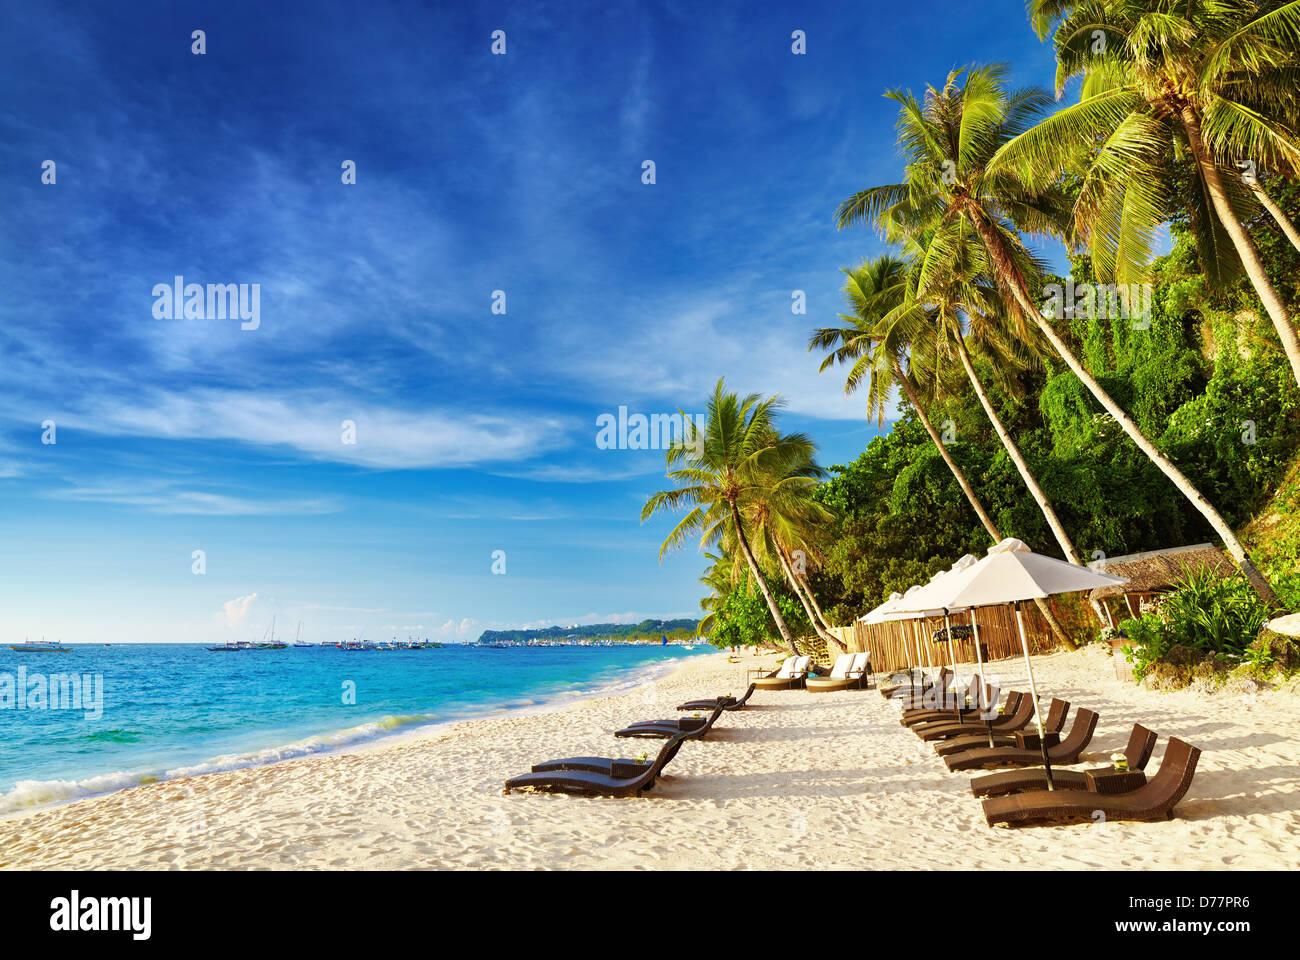 Tropical beach, Boracay island, Philippines Stock Photo